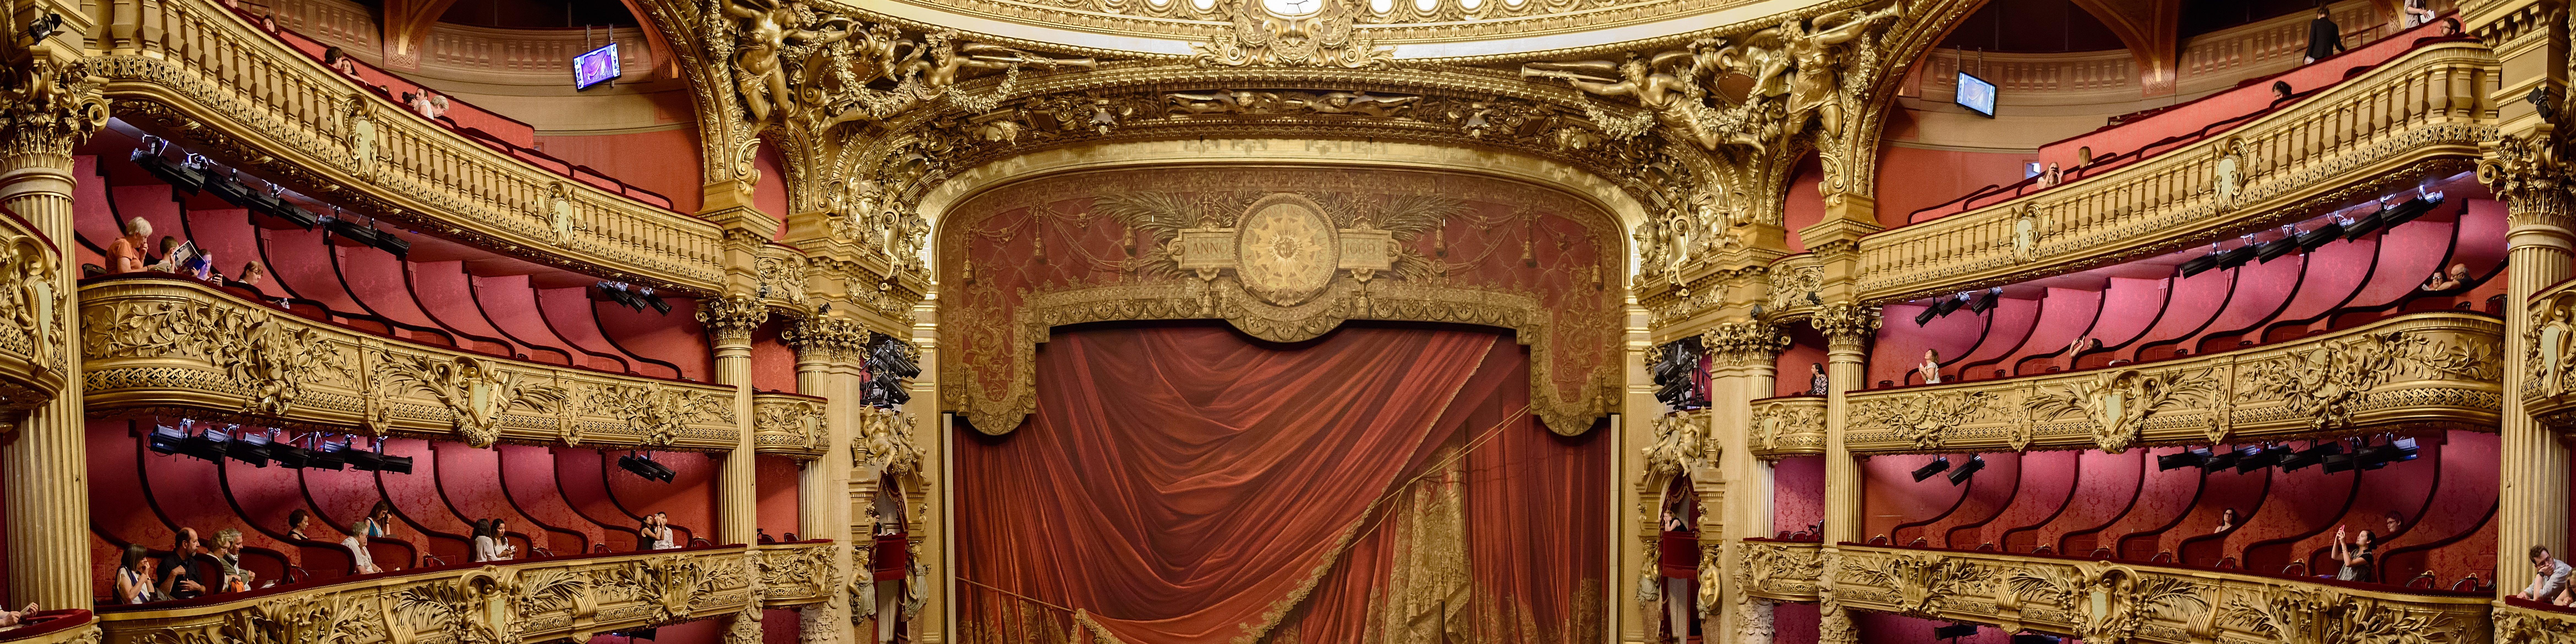 Spécialité théâtre au chateau de troissy internat du 7e art college et lycee